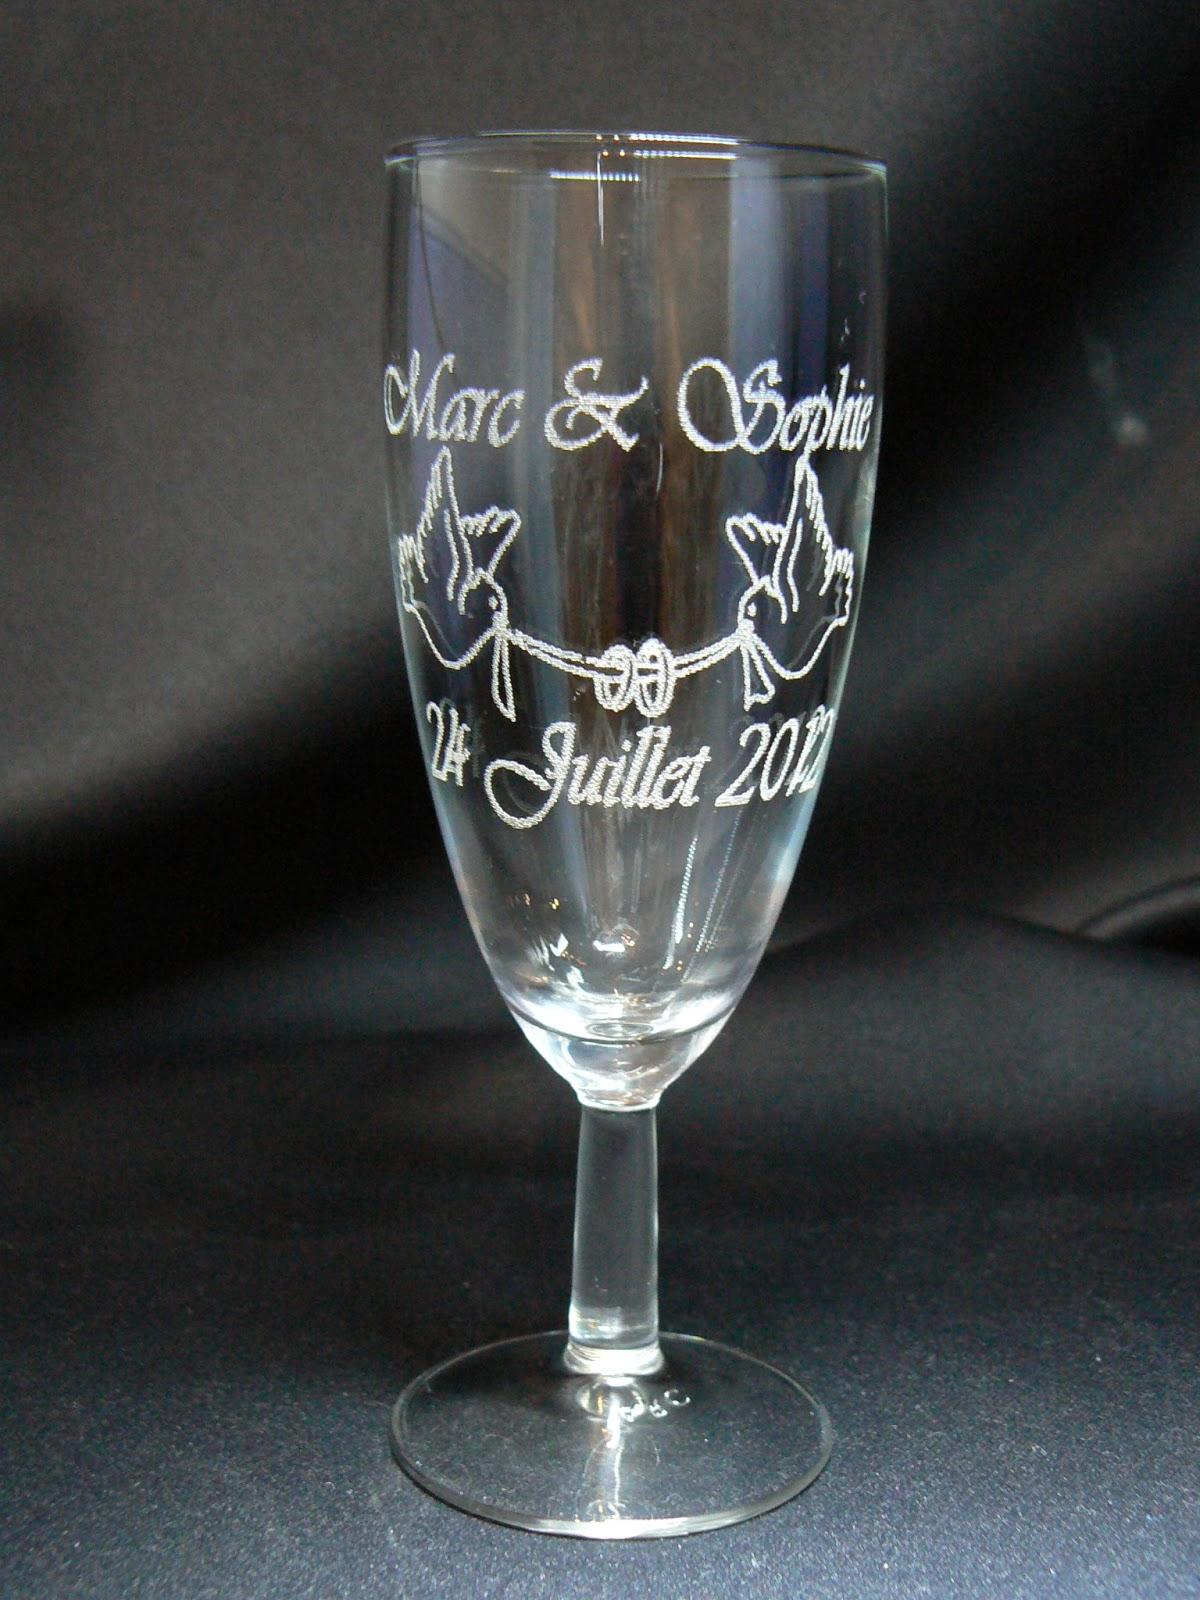 Gravures Sur Verre à gravure sur verre,1.48€ verre gravé,flute gravée,mariage,bapteme